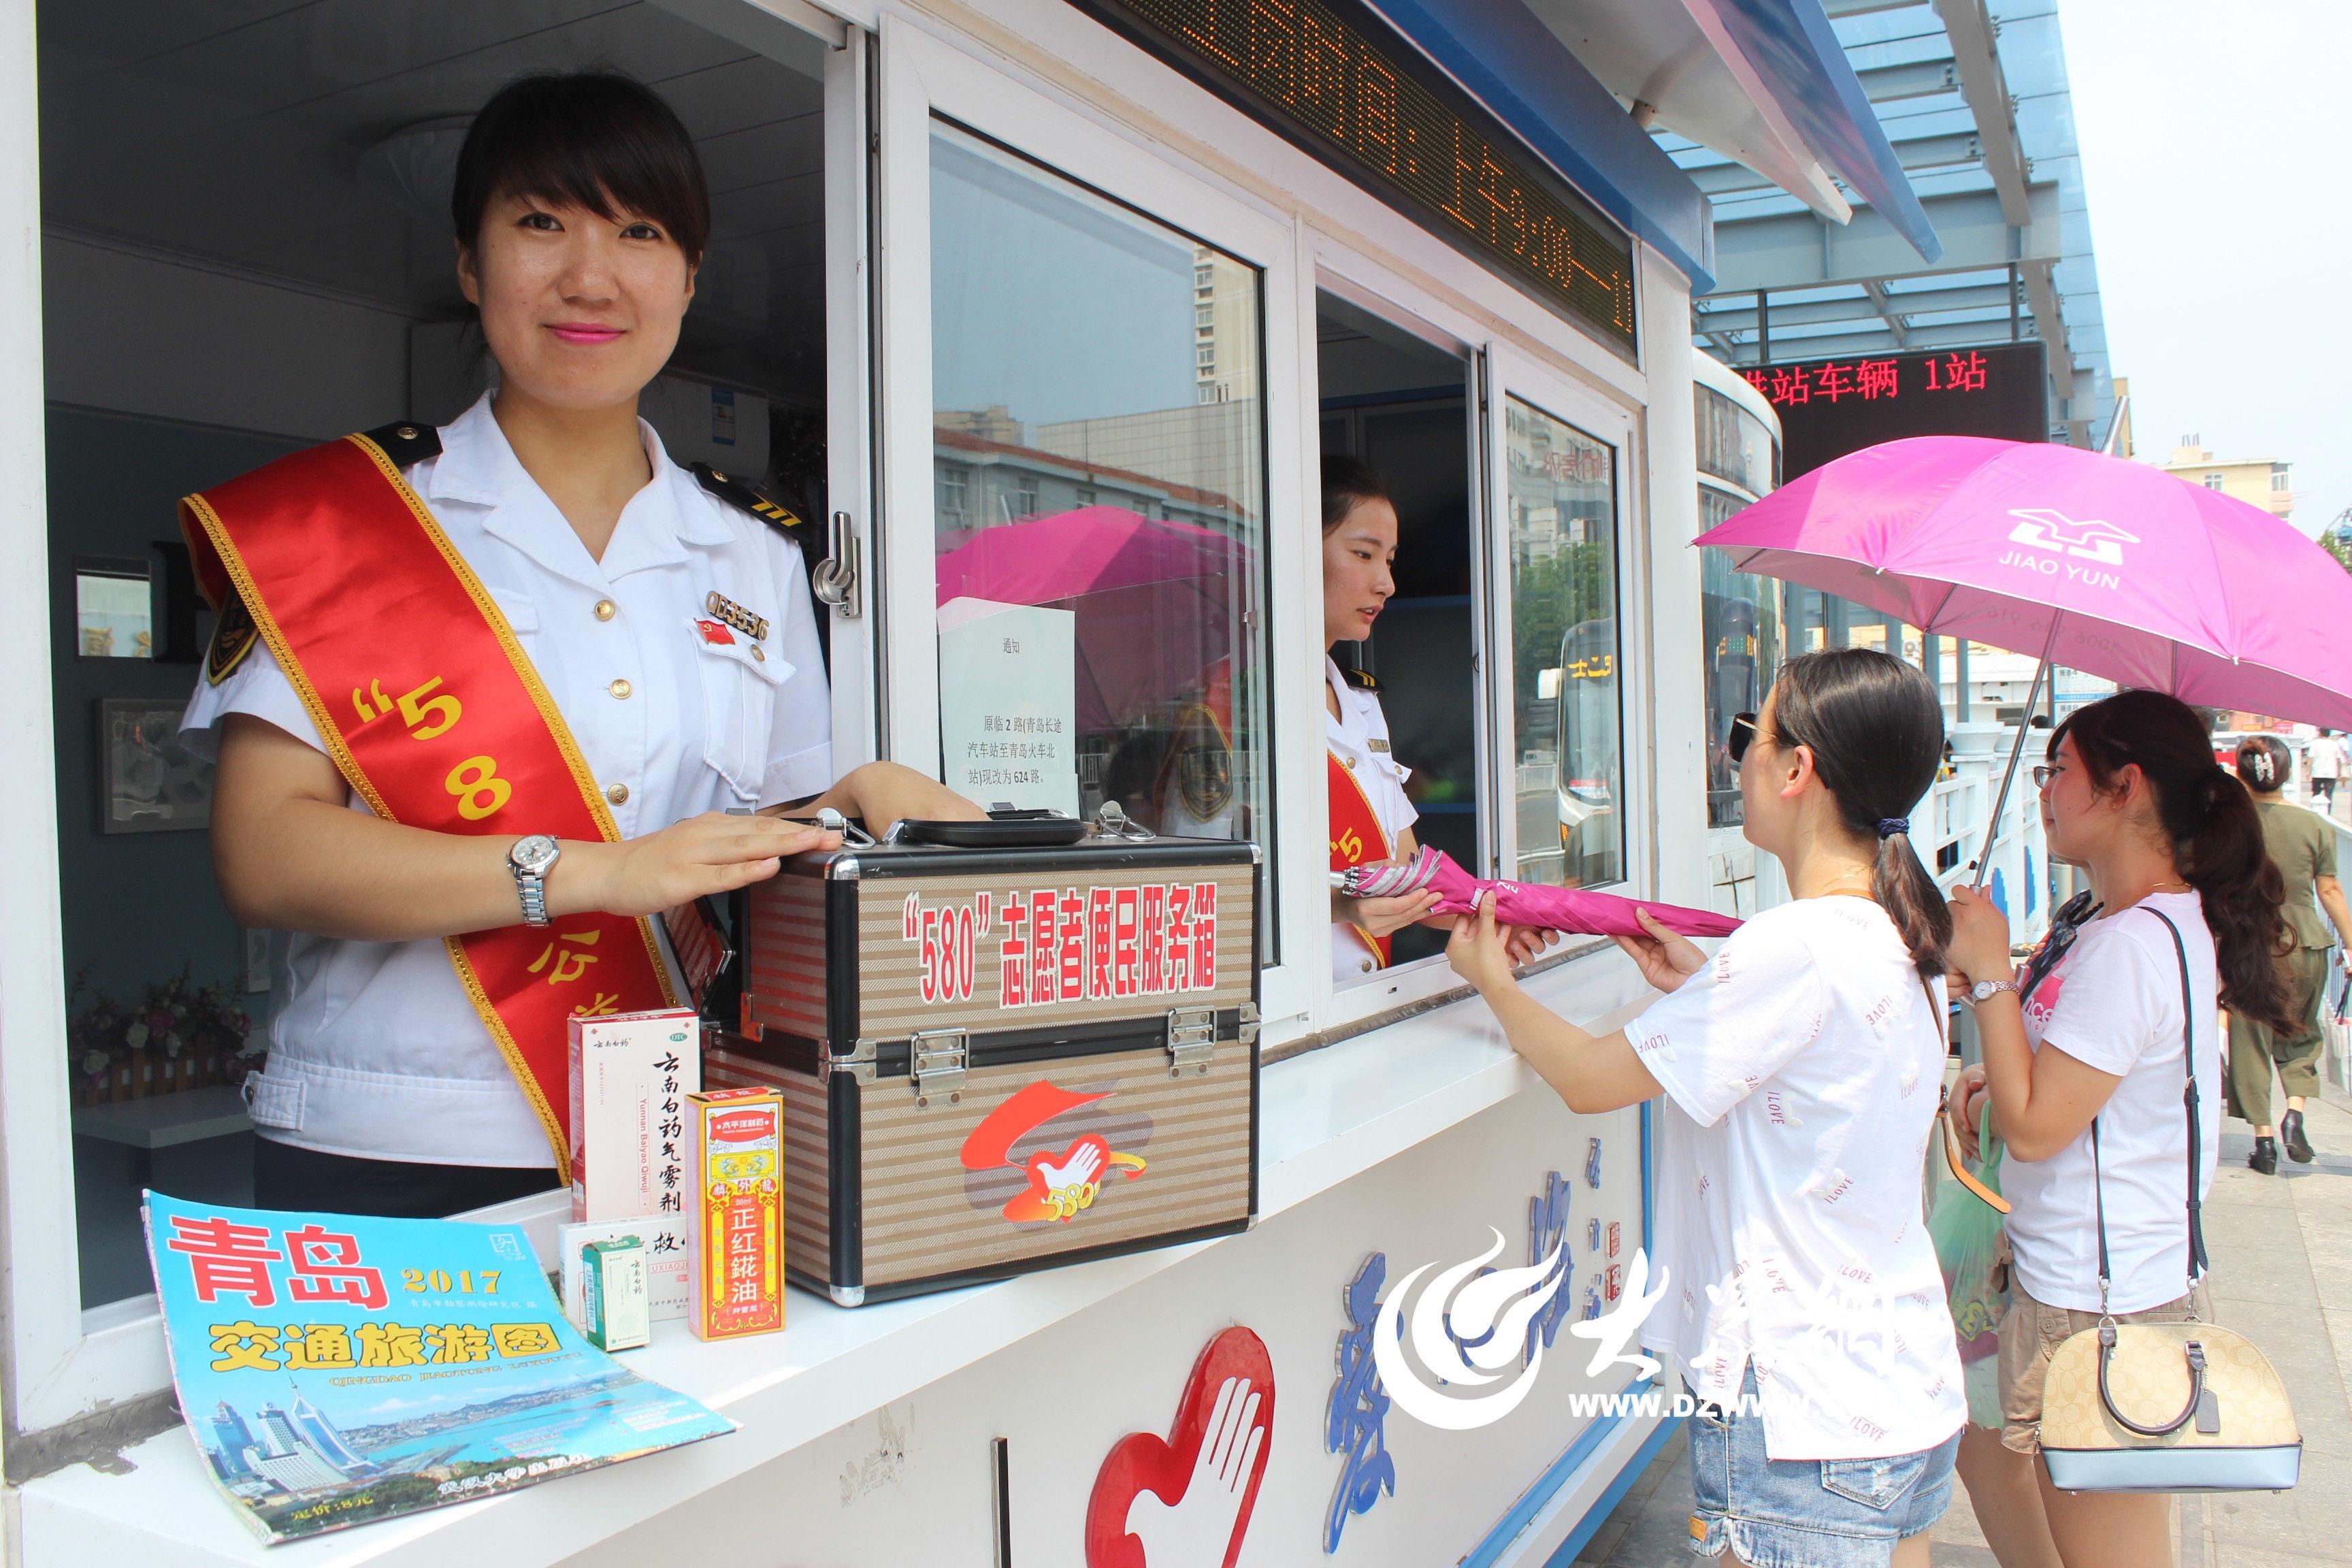 青岛长途汽车站志愿服务岗亭升级提供10余项便民服务